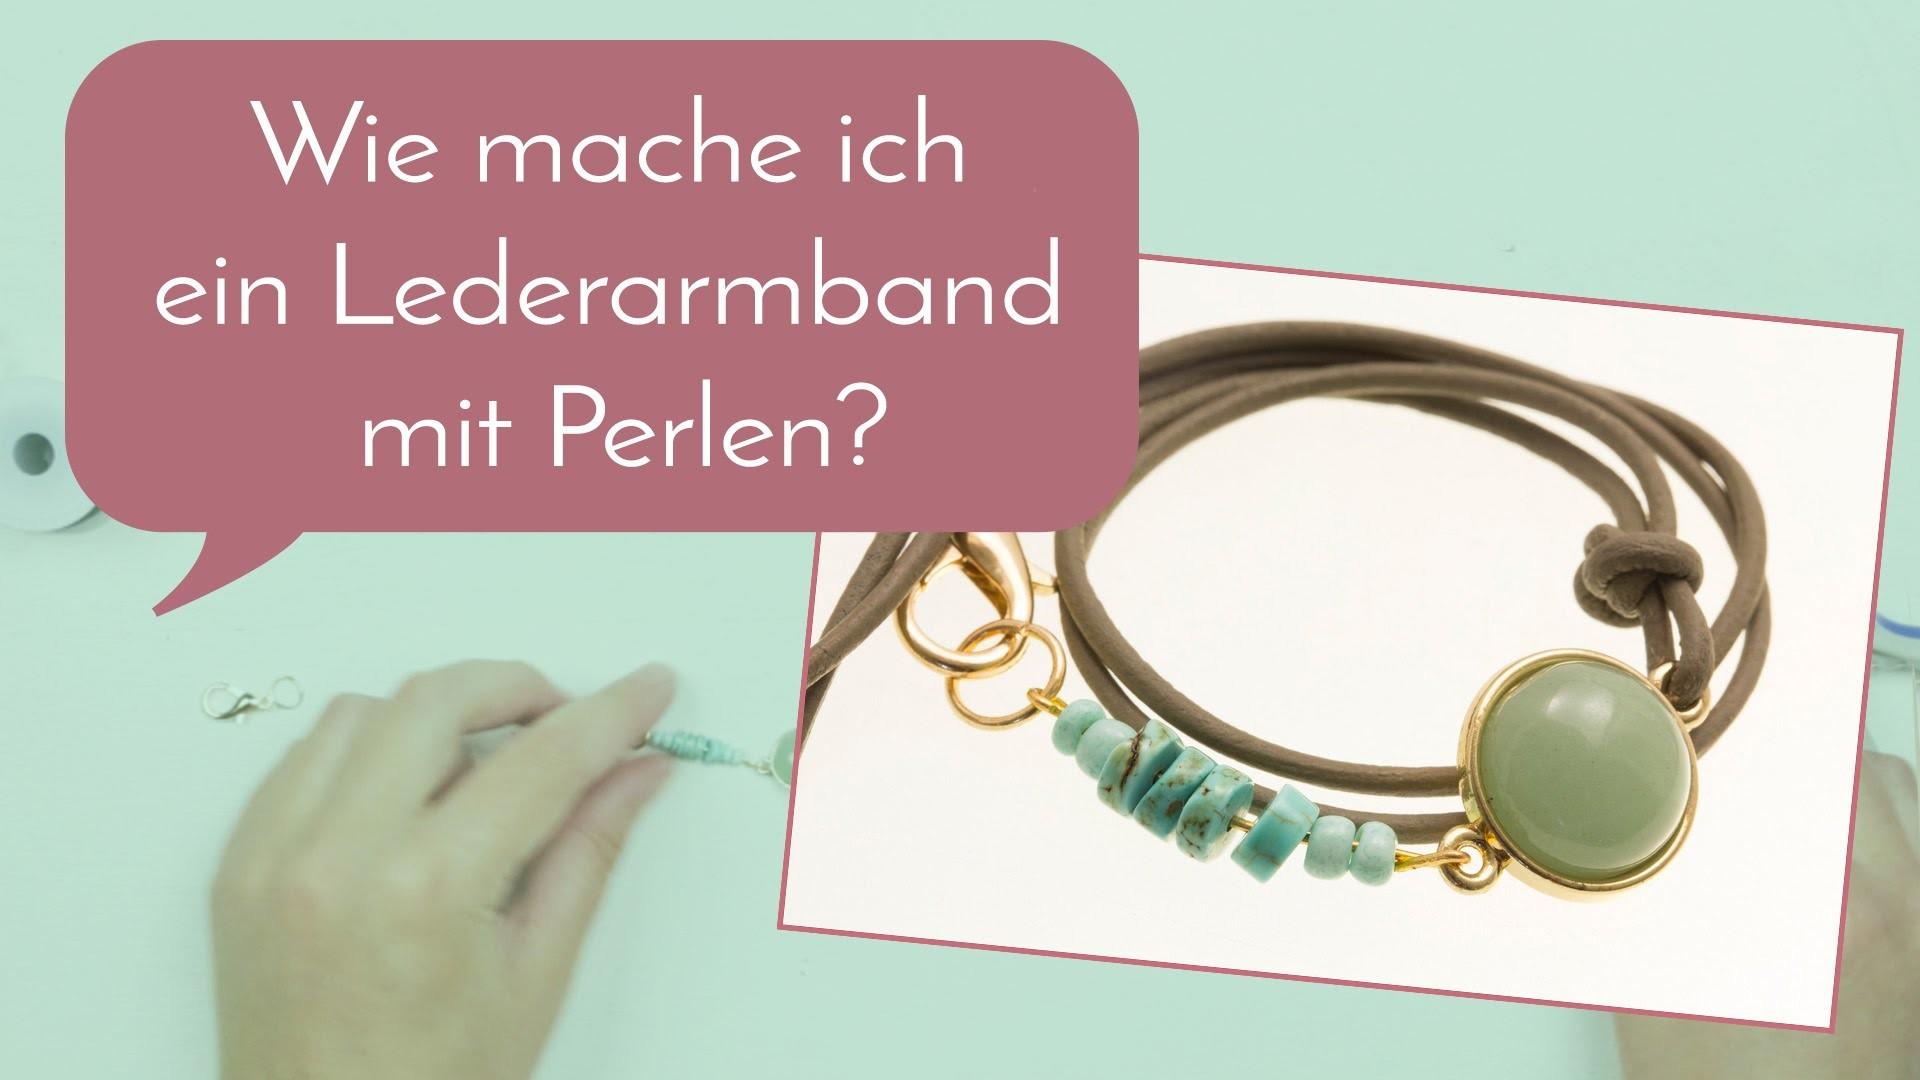 Schmuck machen mit Perlenladen Online - Lederarmband selber machen